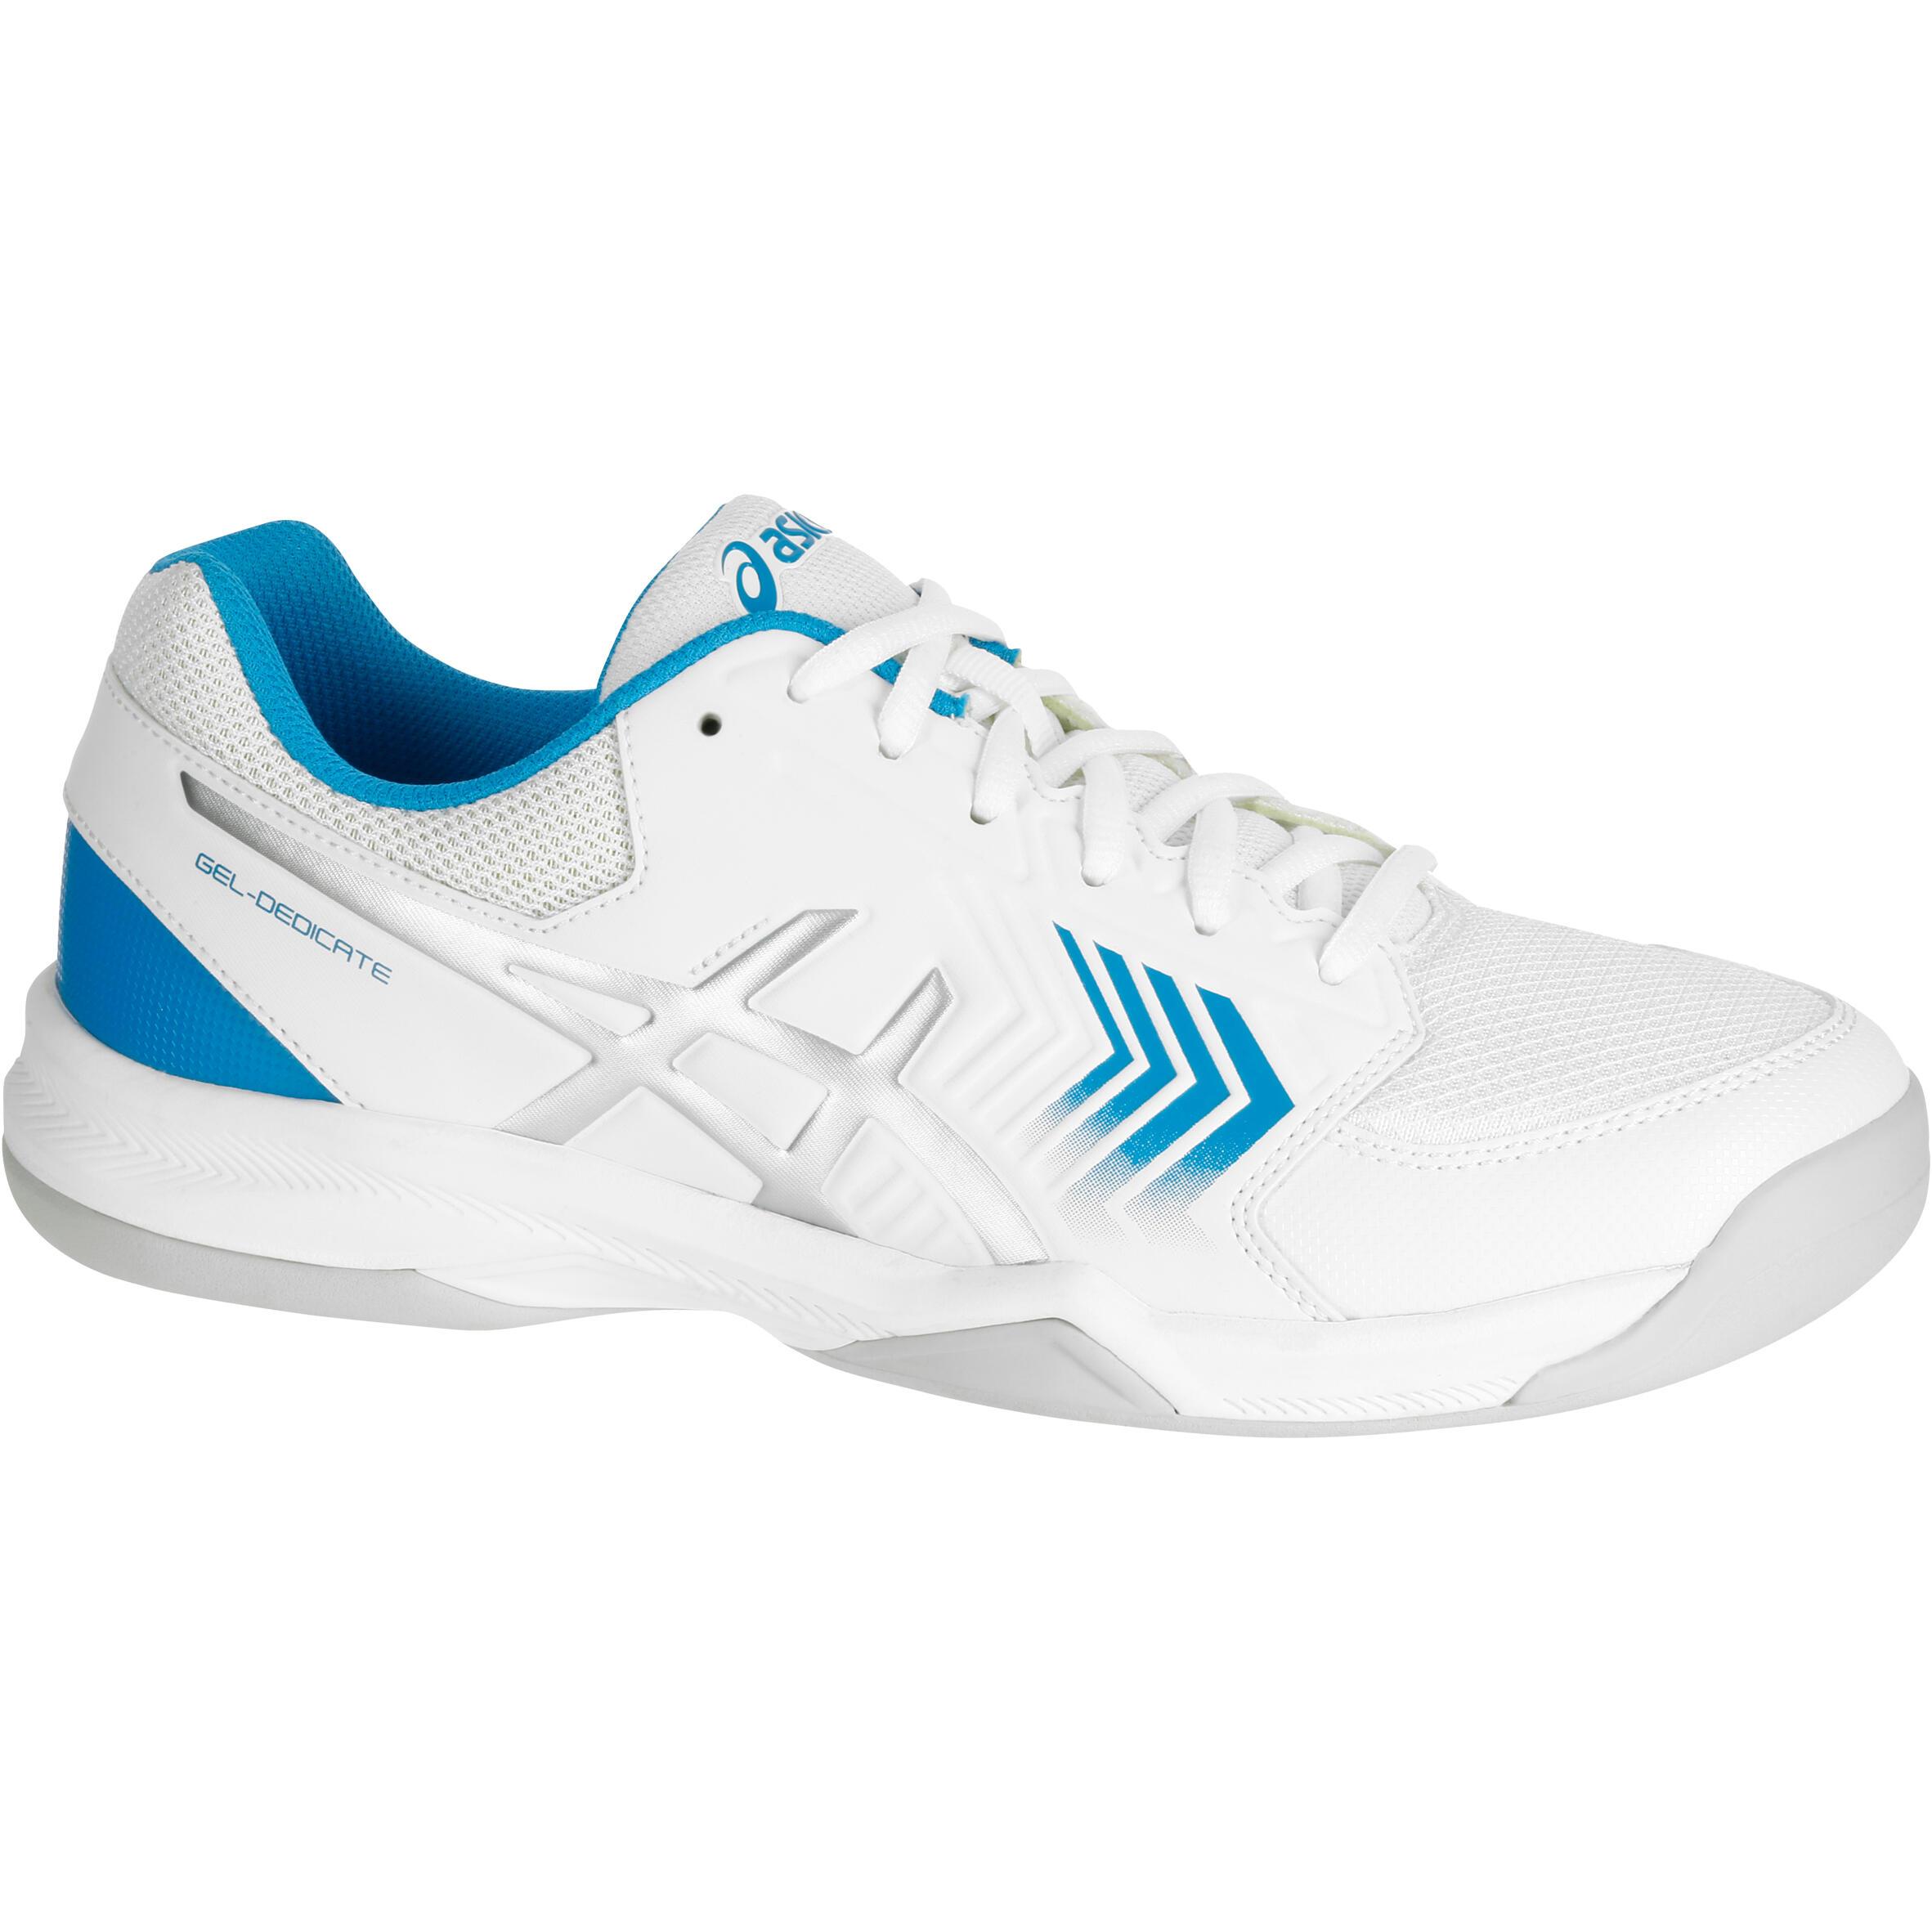 Asics Heren tennisschoenen Gel Dedicate voor tapijt wit